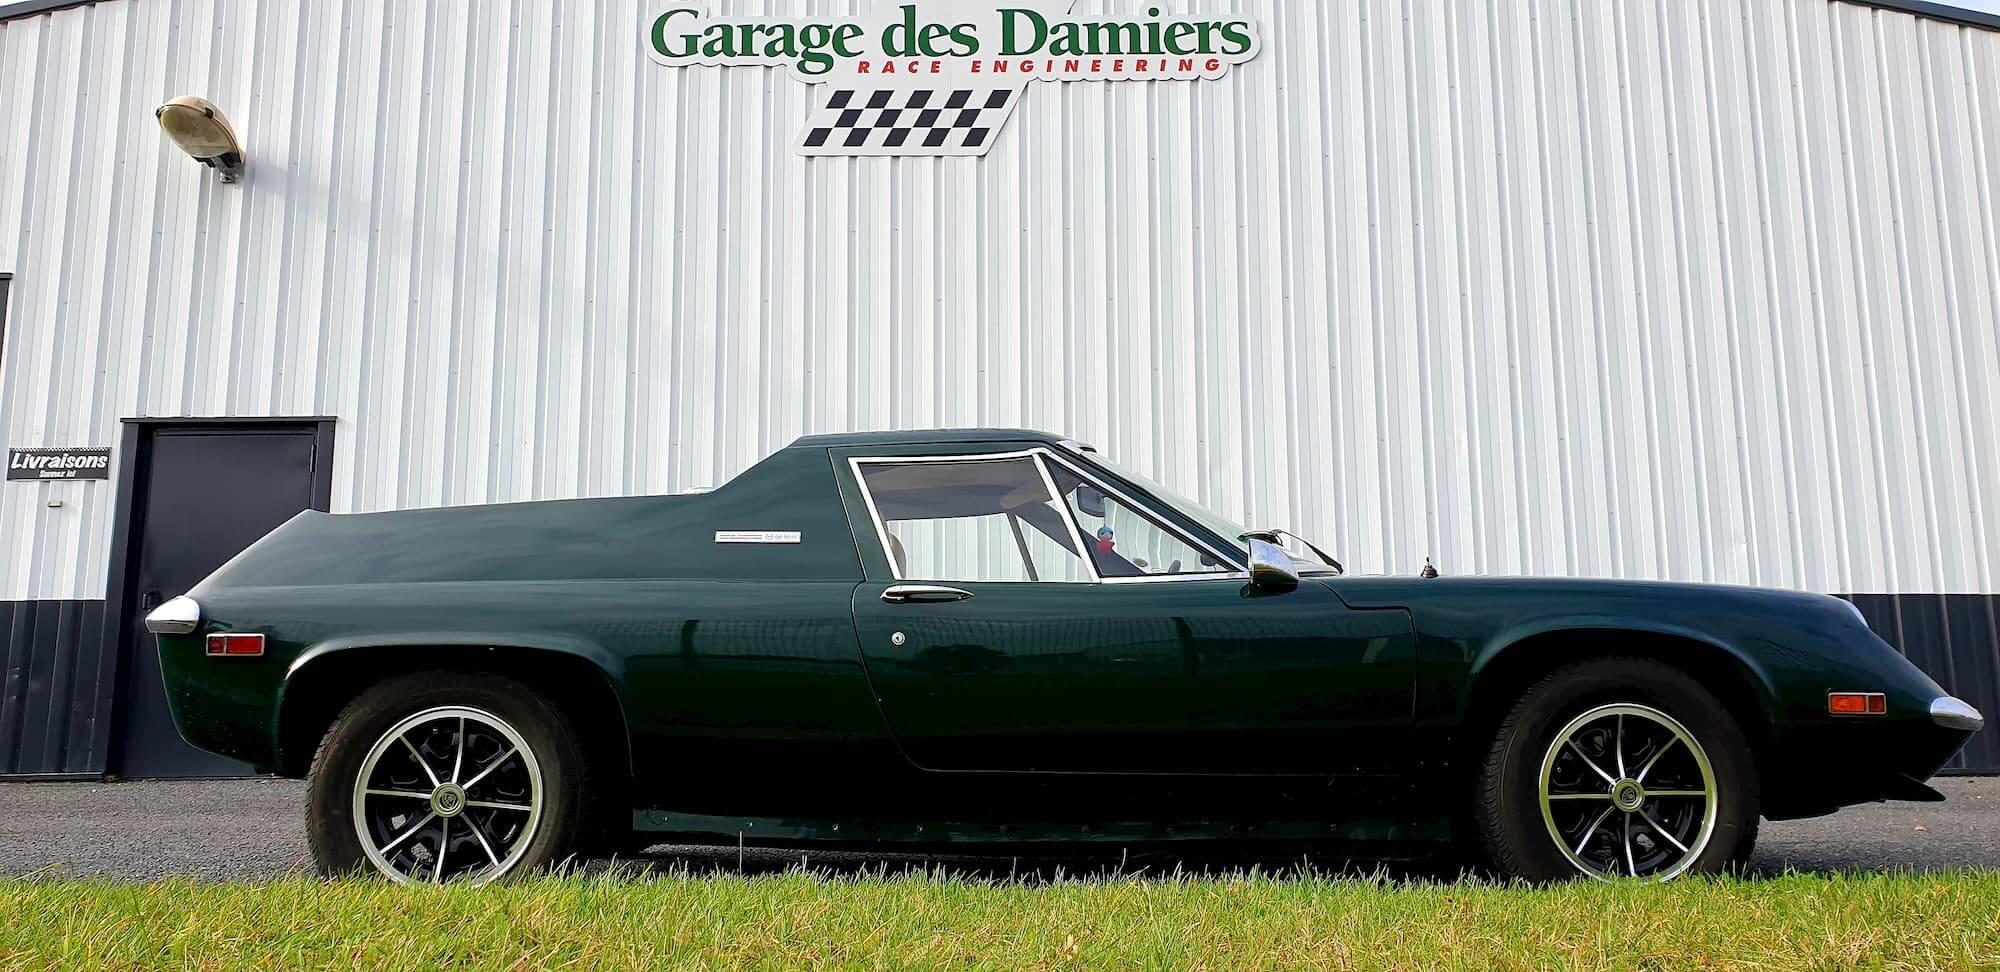 Garage des damiers - Atelier mécanique de voitures anciennes - Lotus Europa